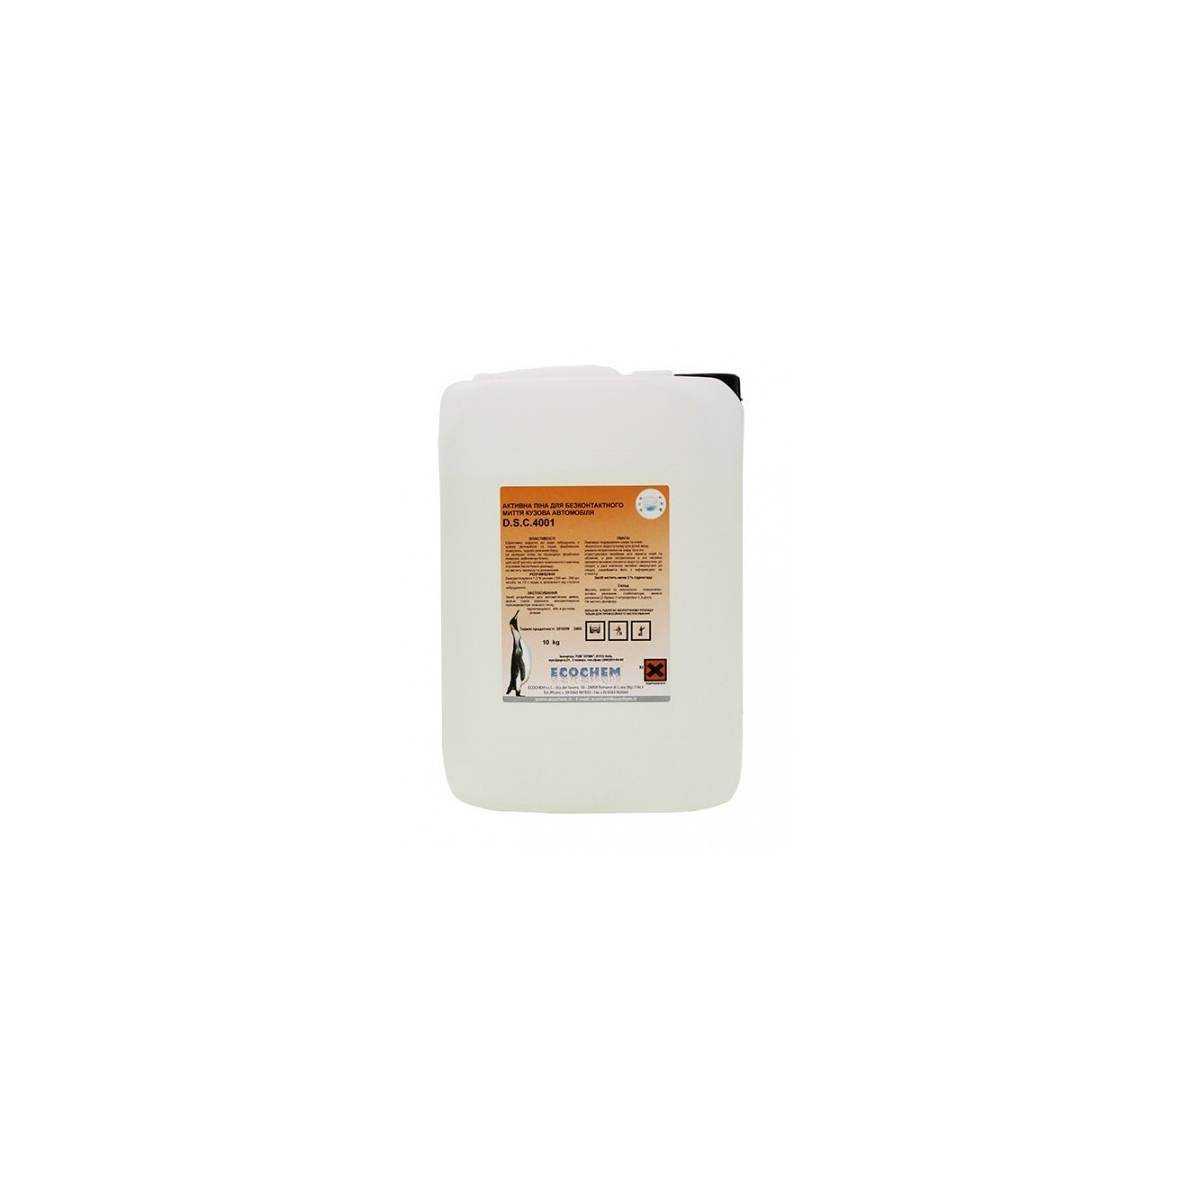 Активная пена для бесконтактного мытья кузова 10кг D.S.C 4001 ECOCHEM